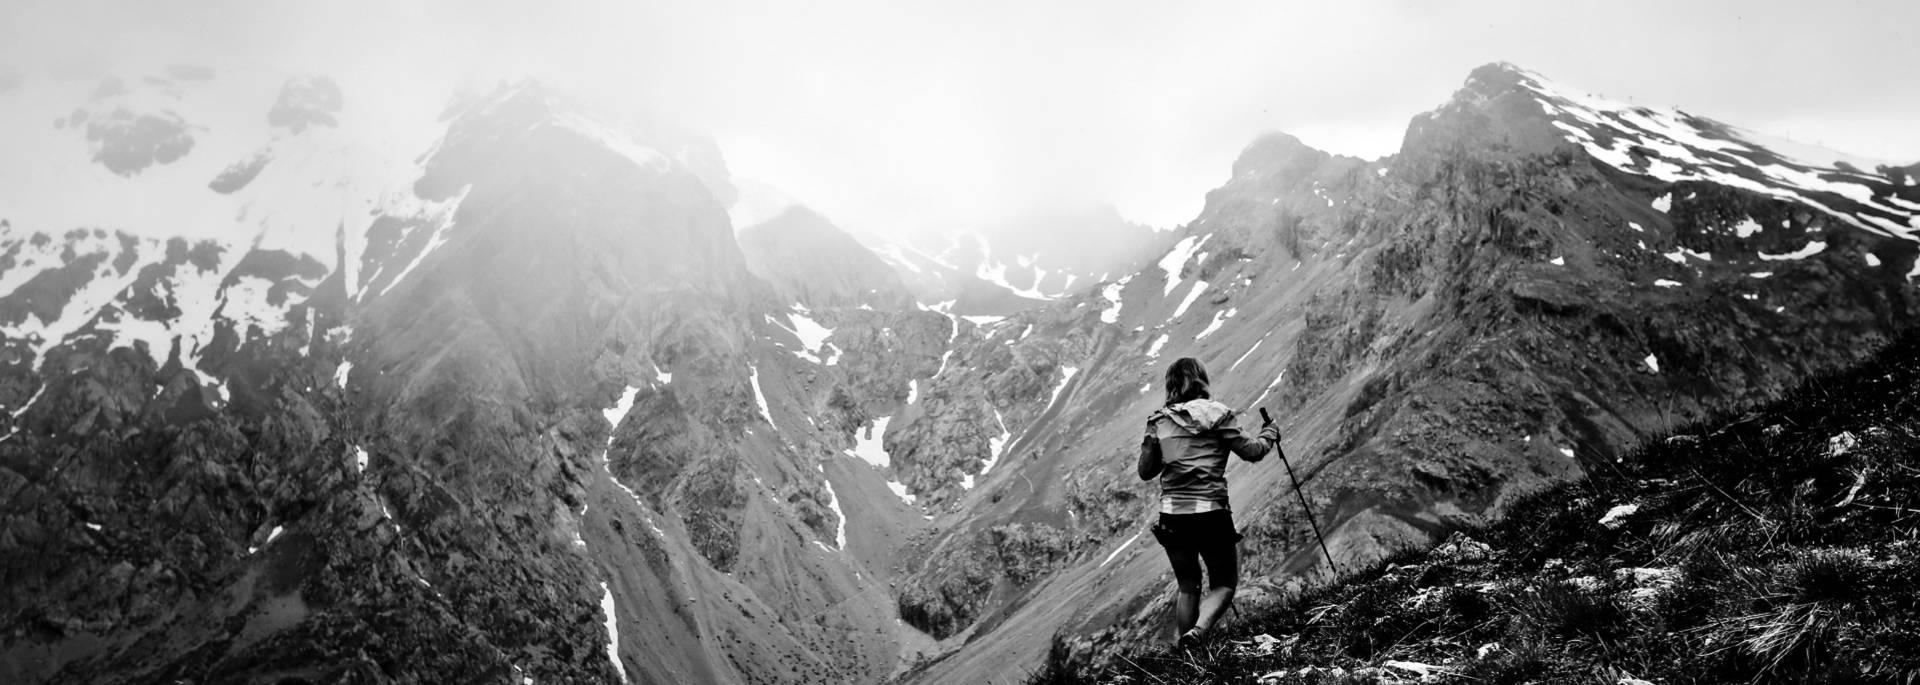 Grand trail des Écrins